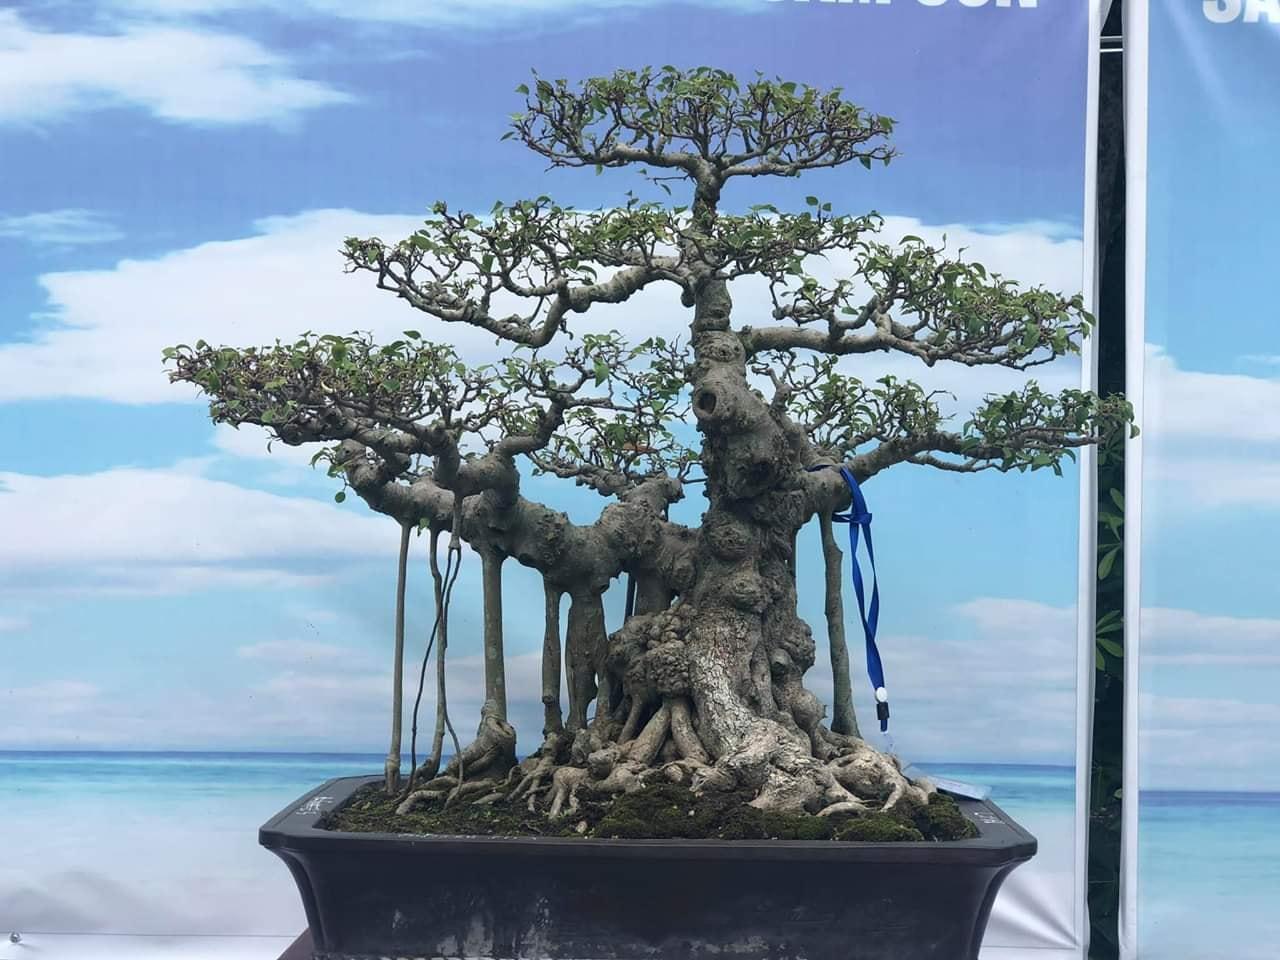 Khai mạc Triển lãm tư liệu ảnh Bác Hồ với Sầm Sơn và Sinh Vật Cảnh toàn quốc - Ảnh 5